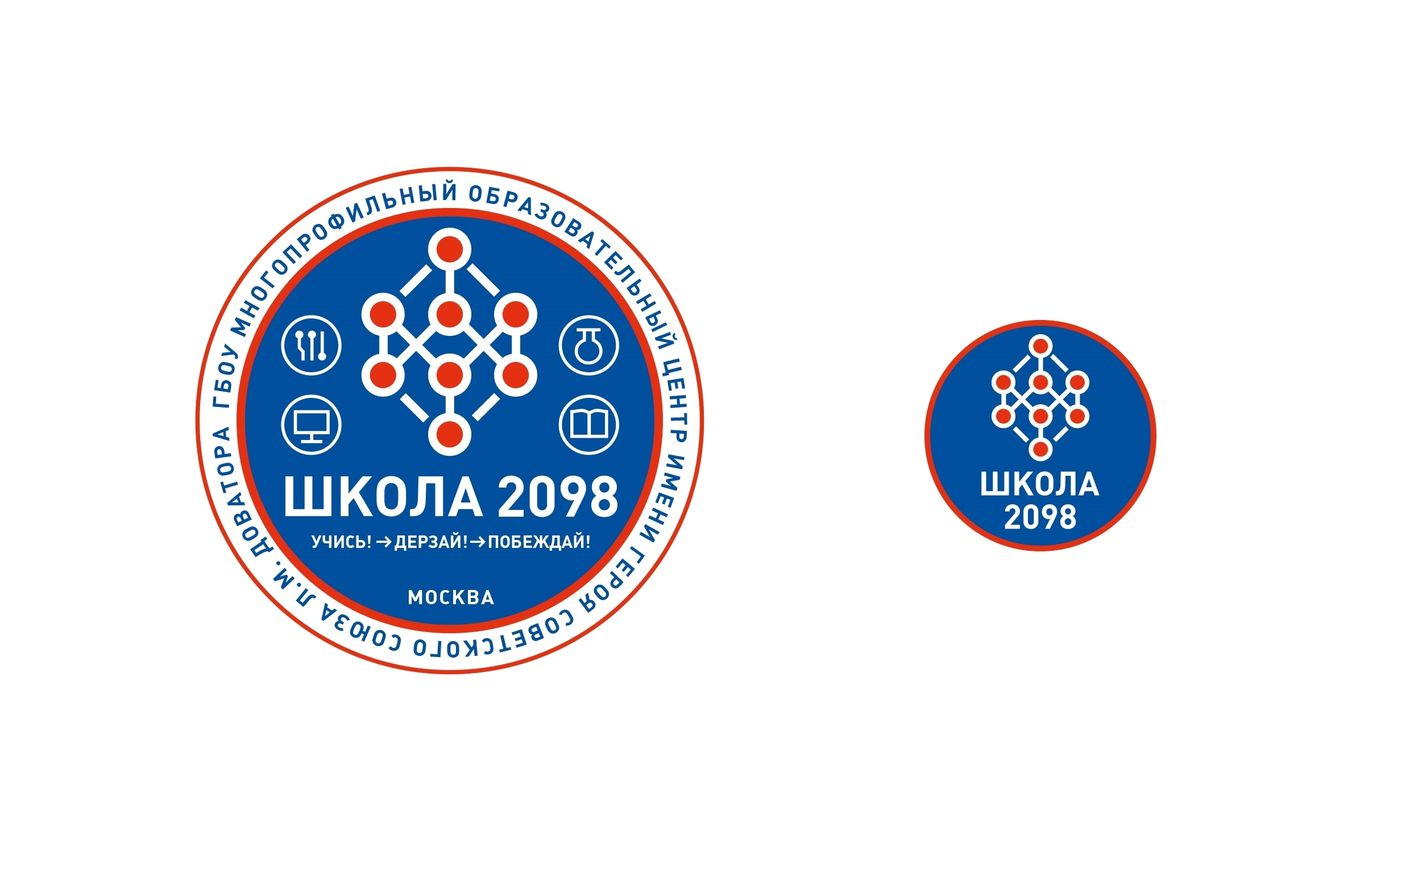 Айдентика для школы № 2098. Лаборатория дизайна НИУ ВШЭ - hsedesignlab.ru